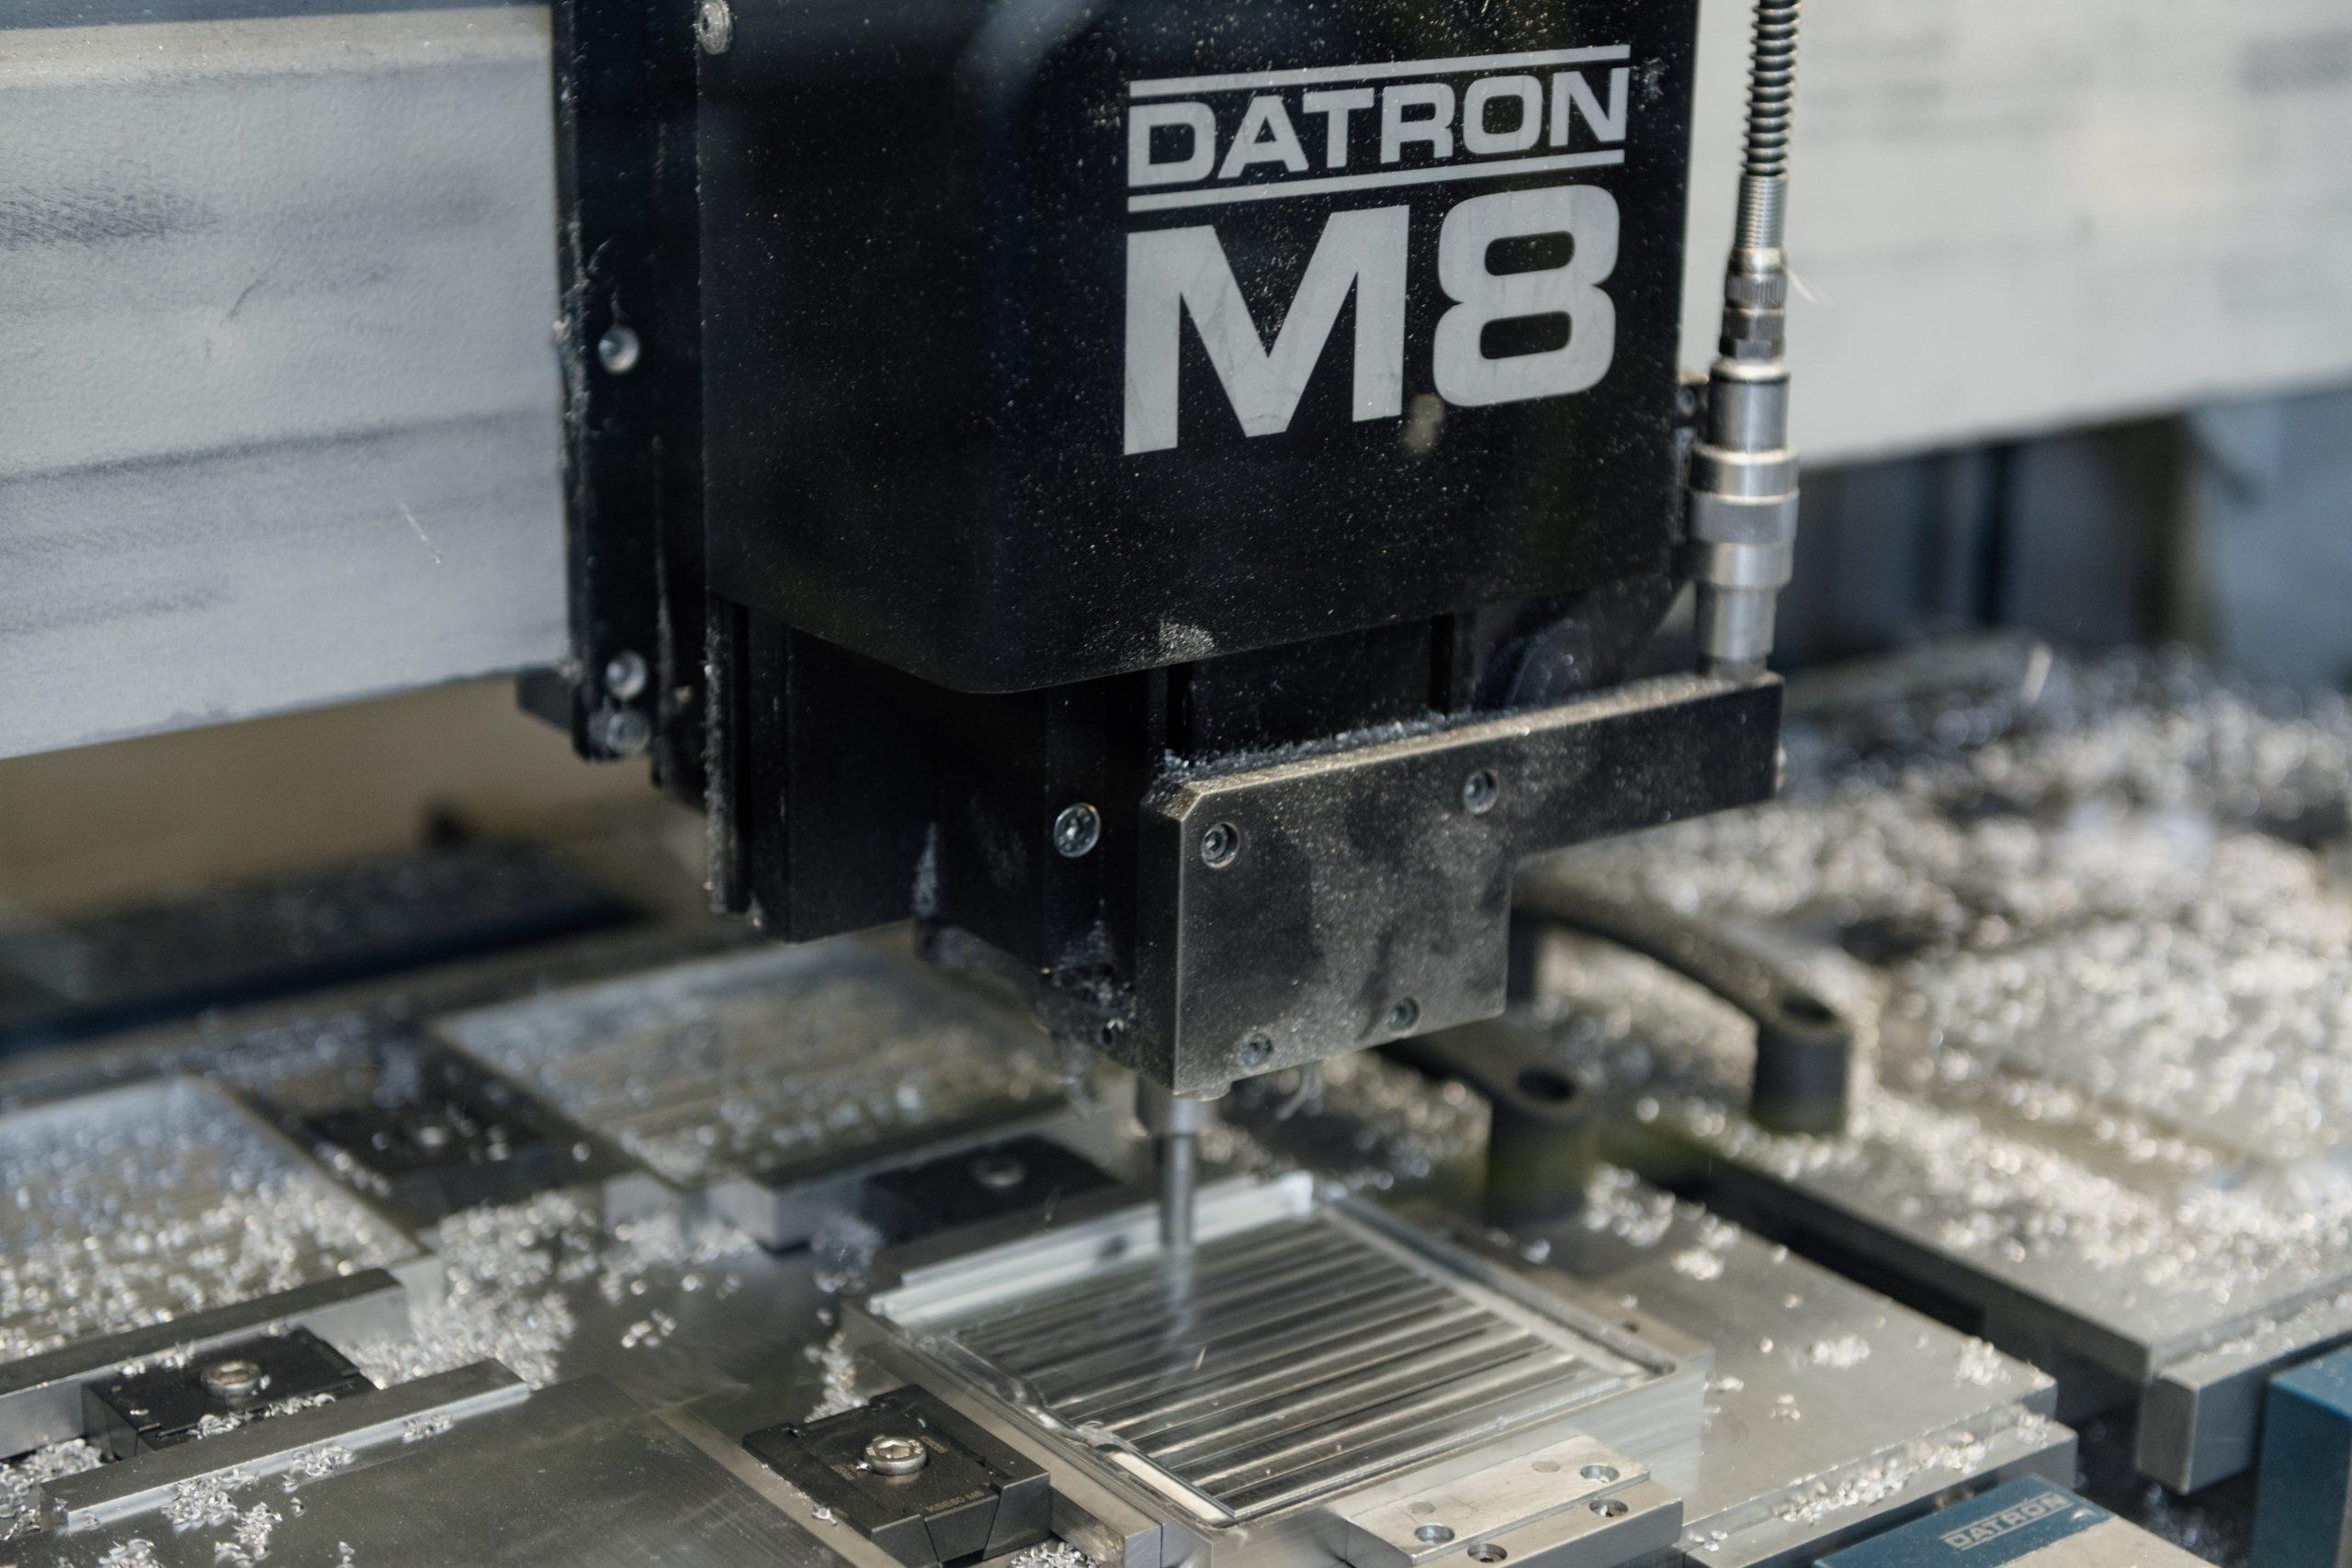 """Fräskopf einer Datron CNC-Fräsmaschine mit Aufschrift """"DATRON M8"""" bei der Bearbeitung eines Aluminium-Blocks."""